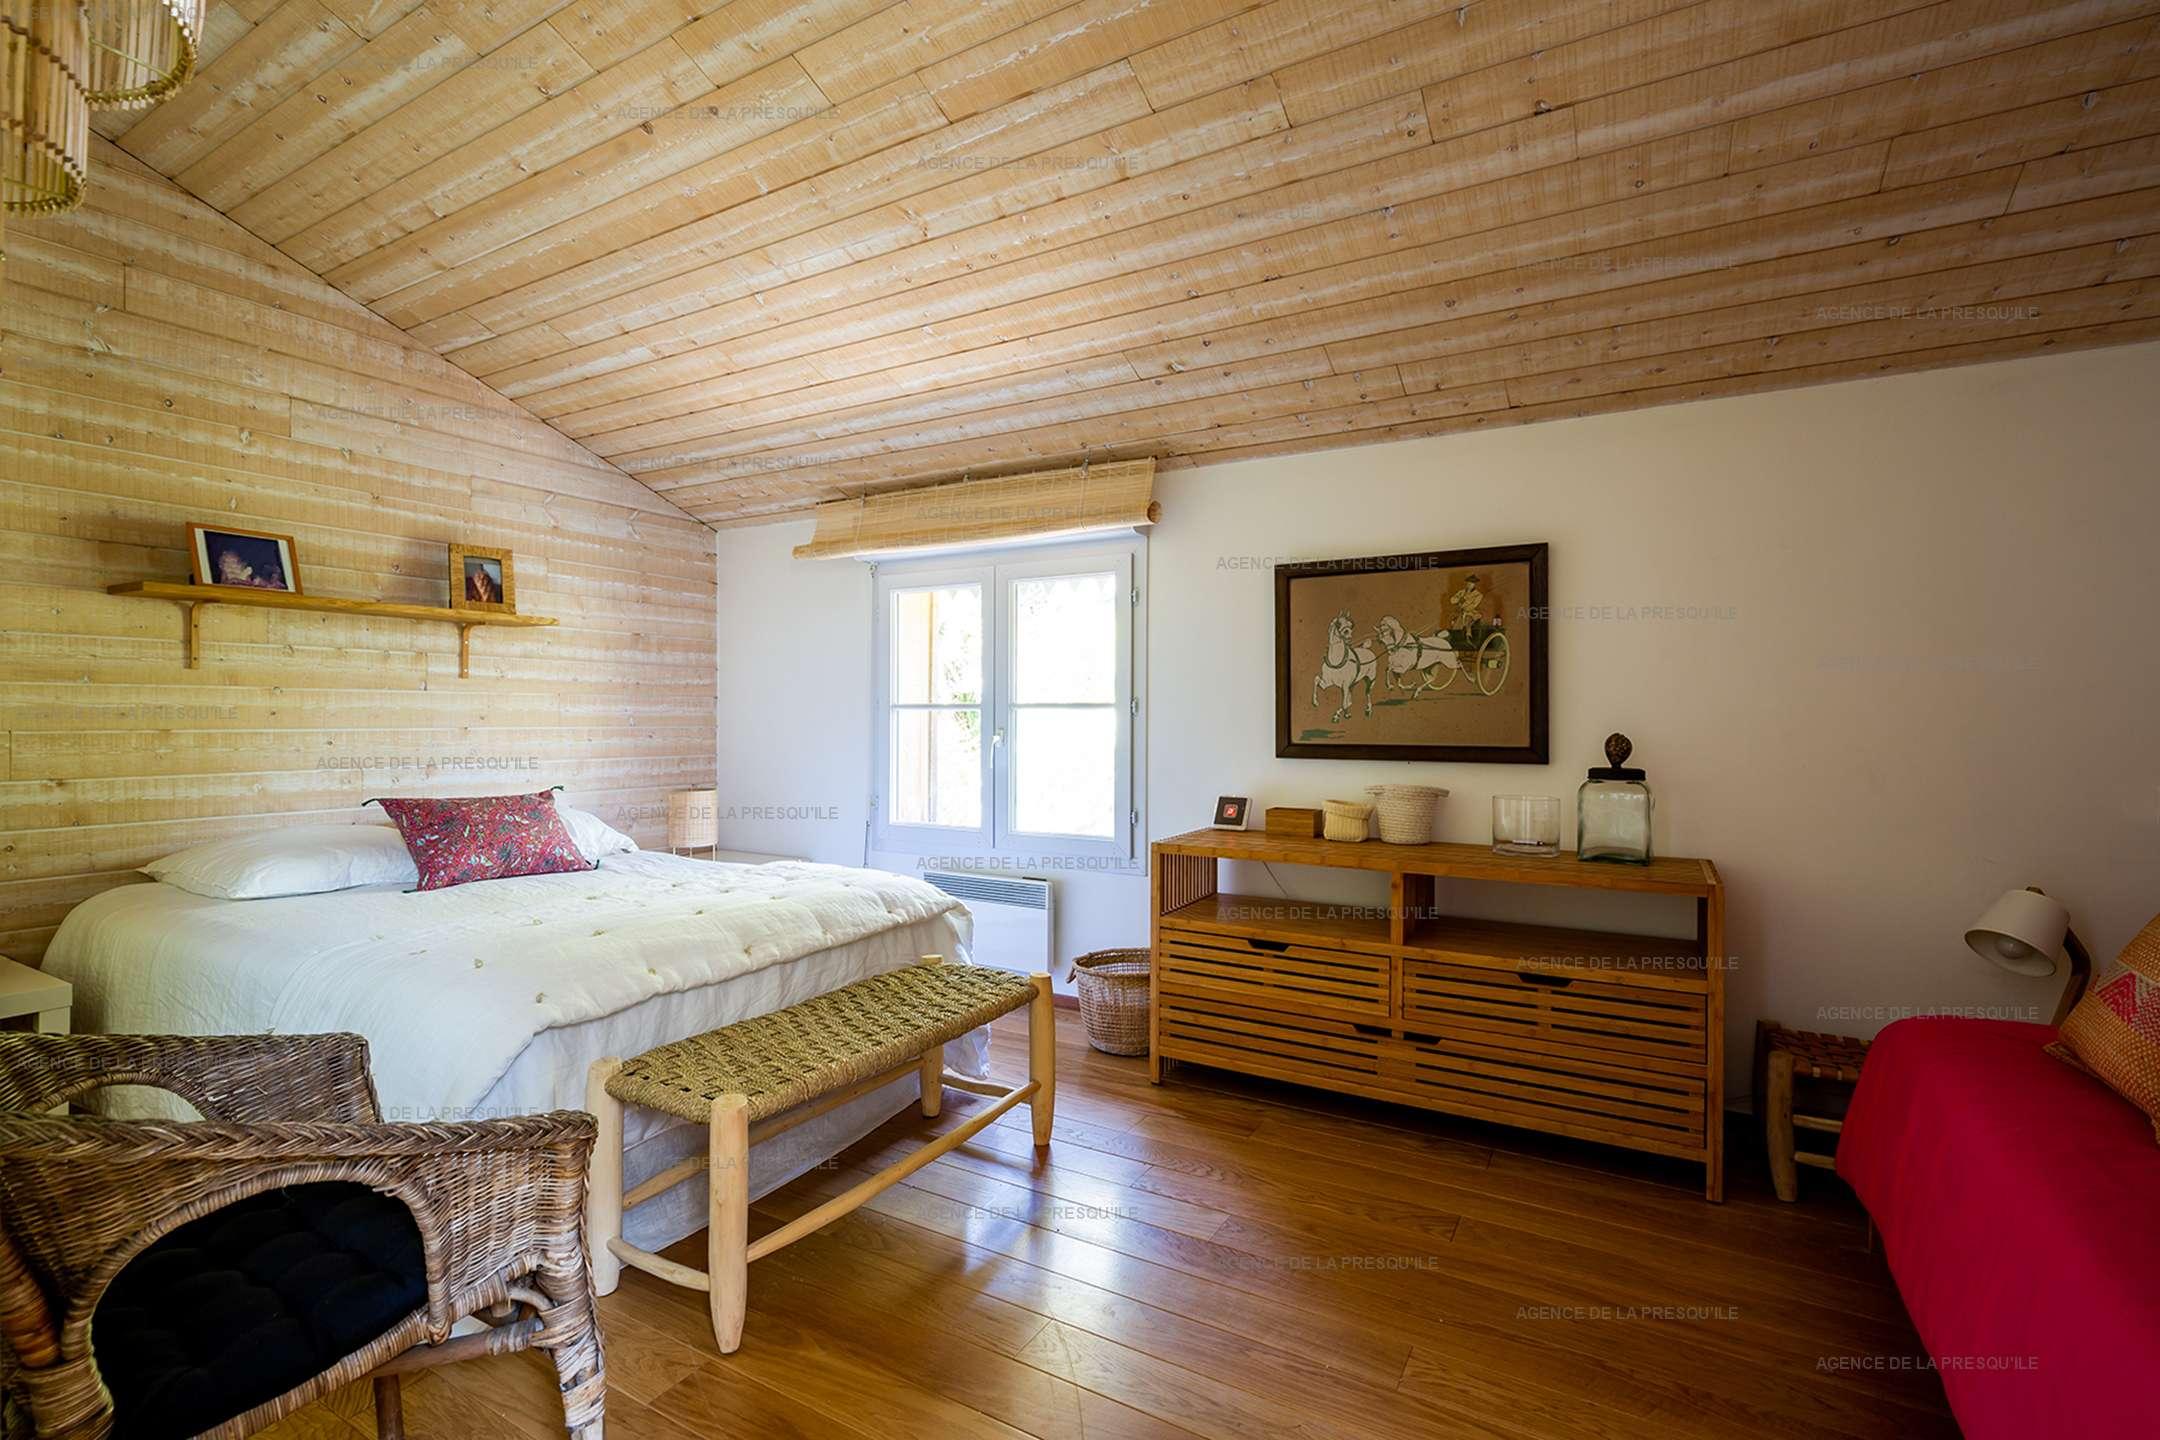 Location: Très jolie villa en bordure de forêt avec piscine 7